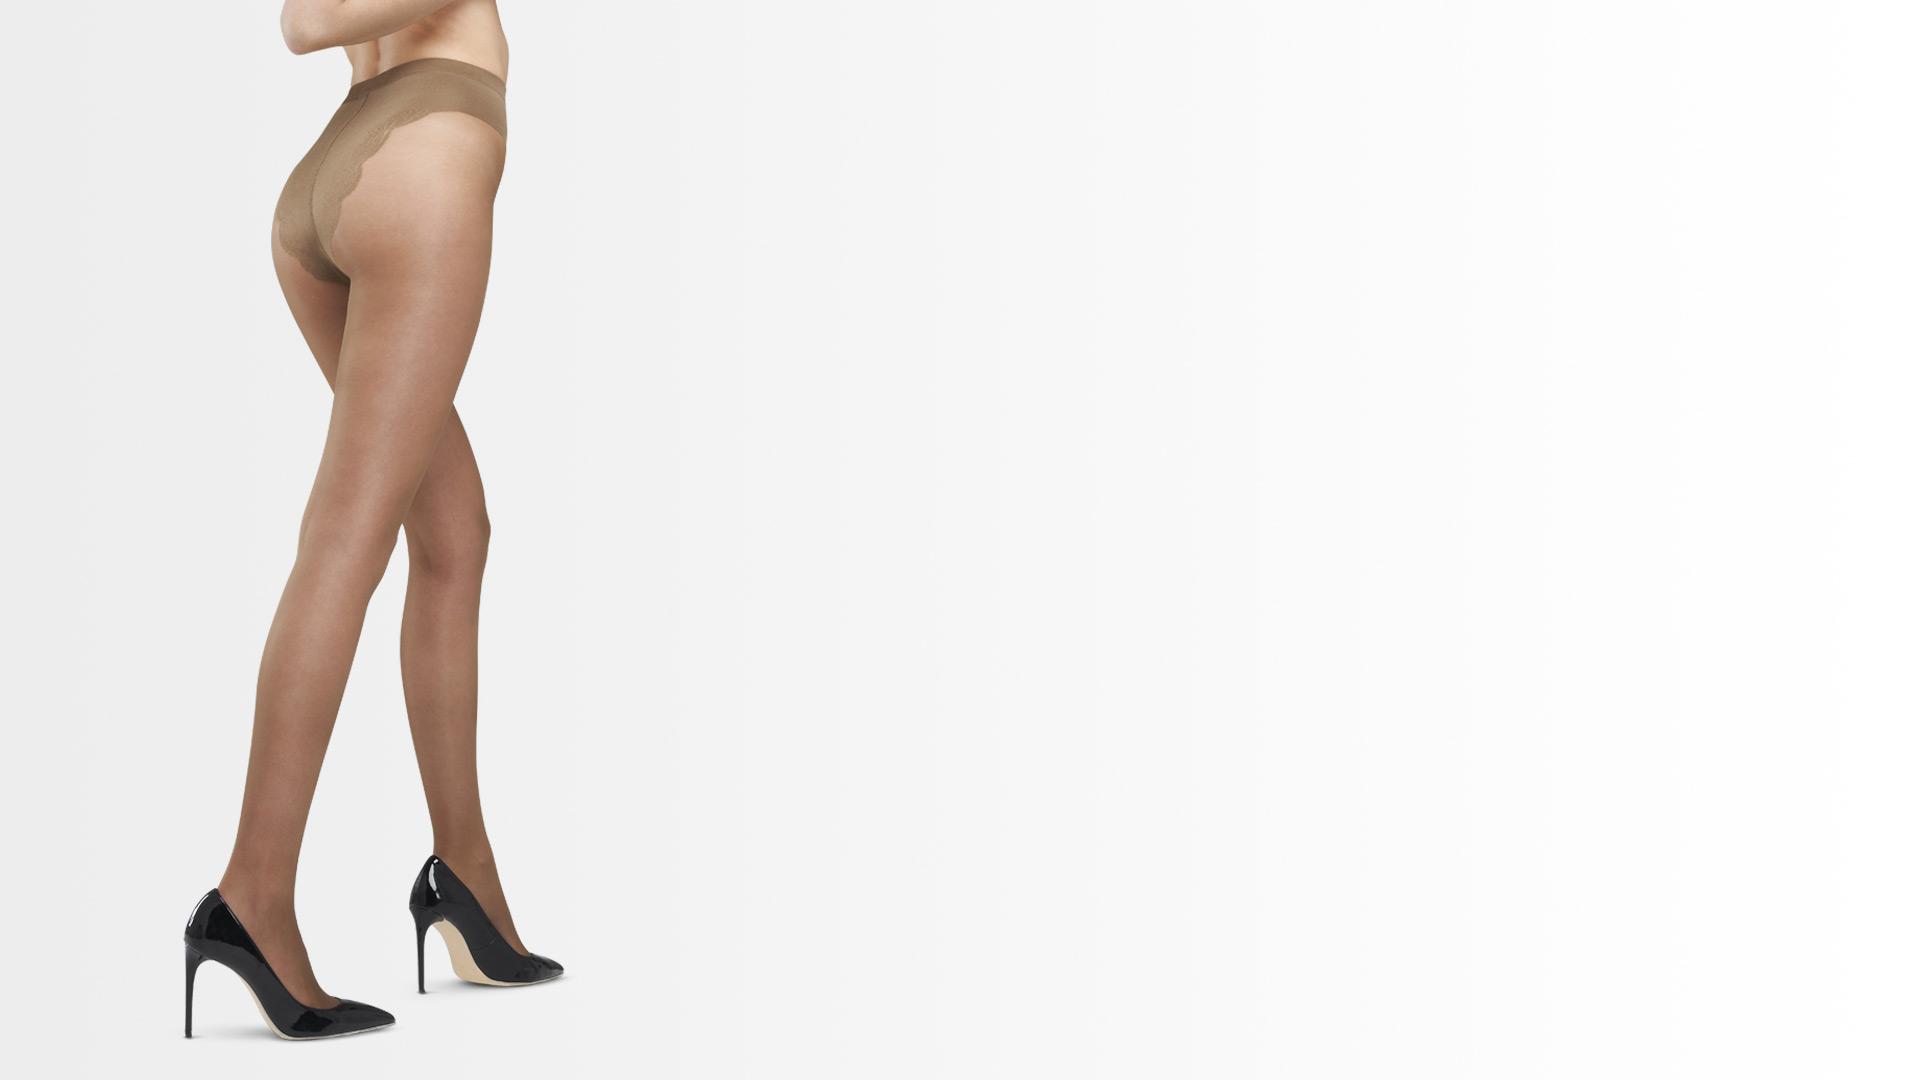 donna Collant Solidea Fashion